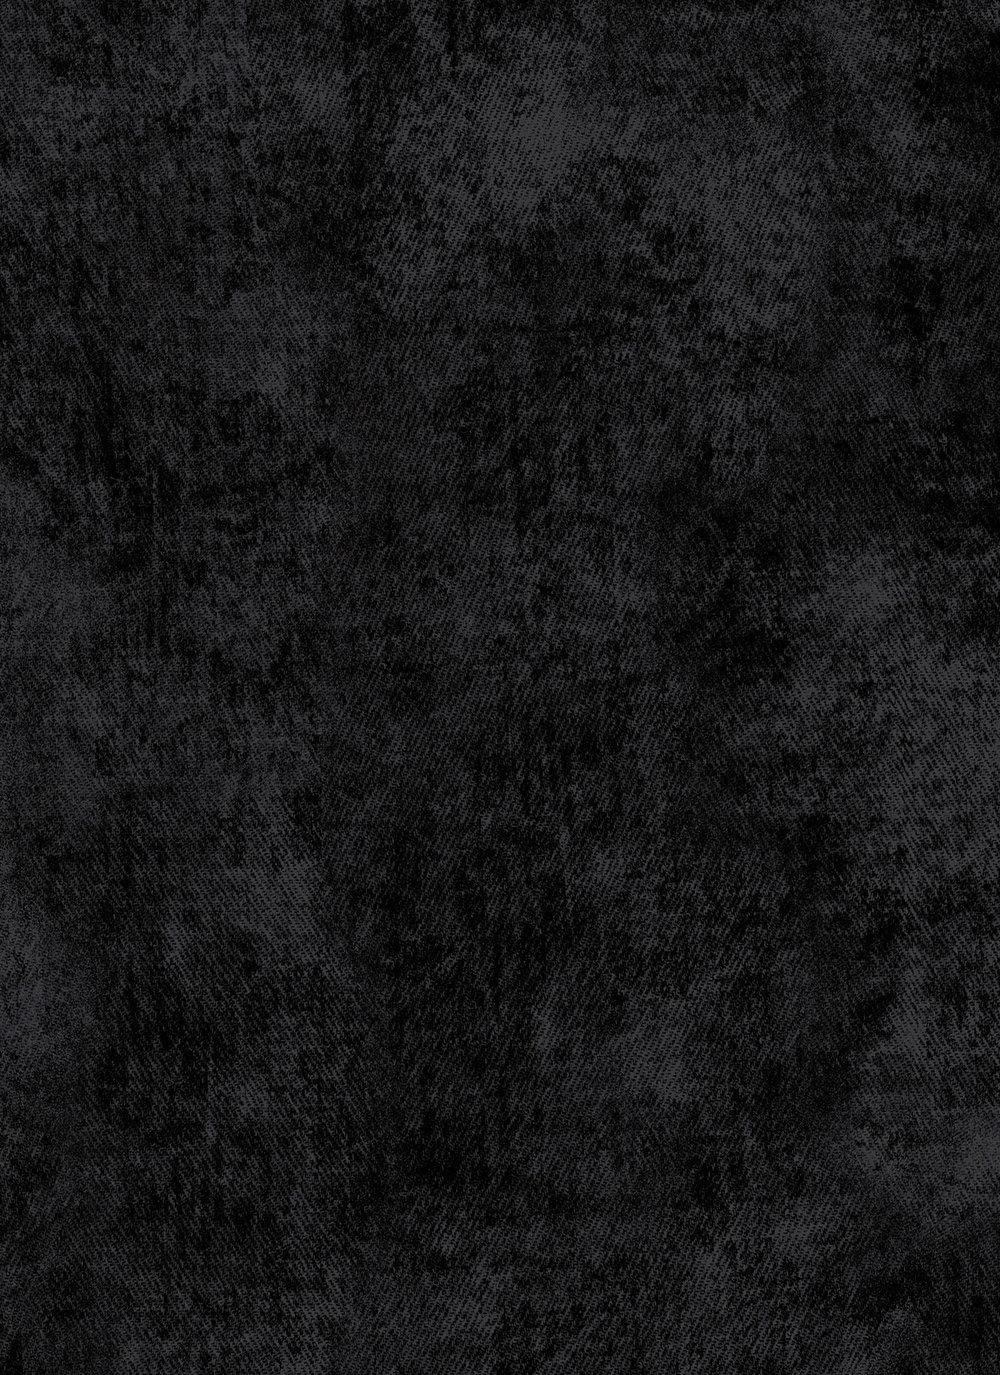 3212-013 Black